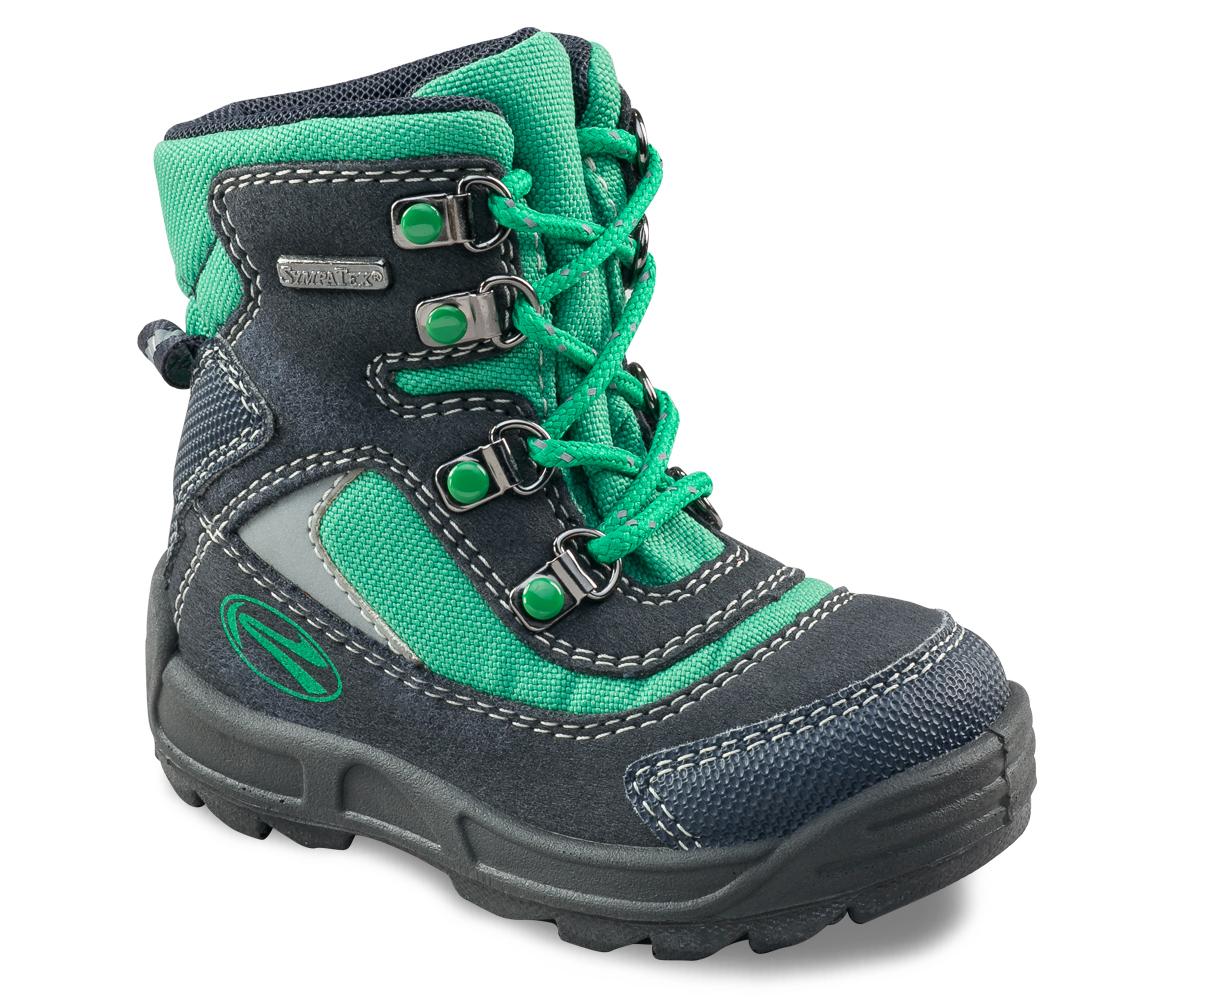 71838d0d1 Richter Chlapčenské zimné členkové topánky - zeleno-modré, EUR 21 ...